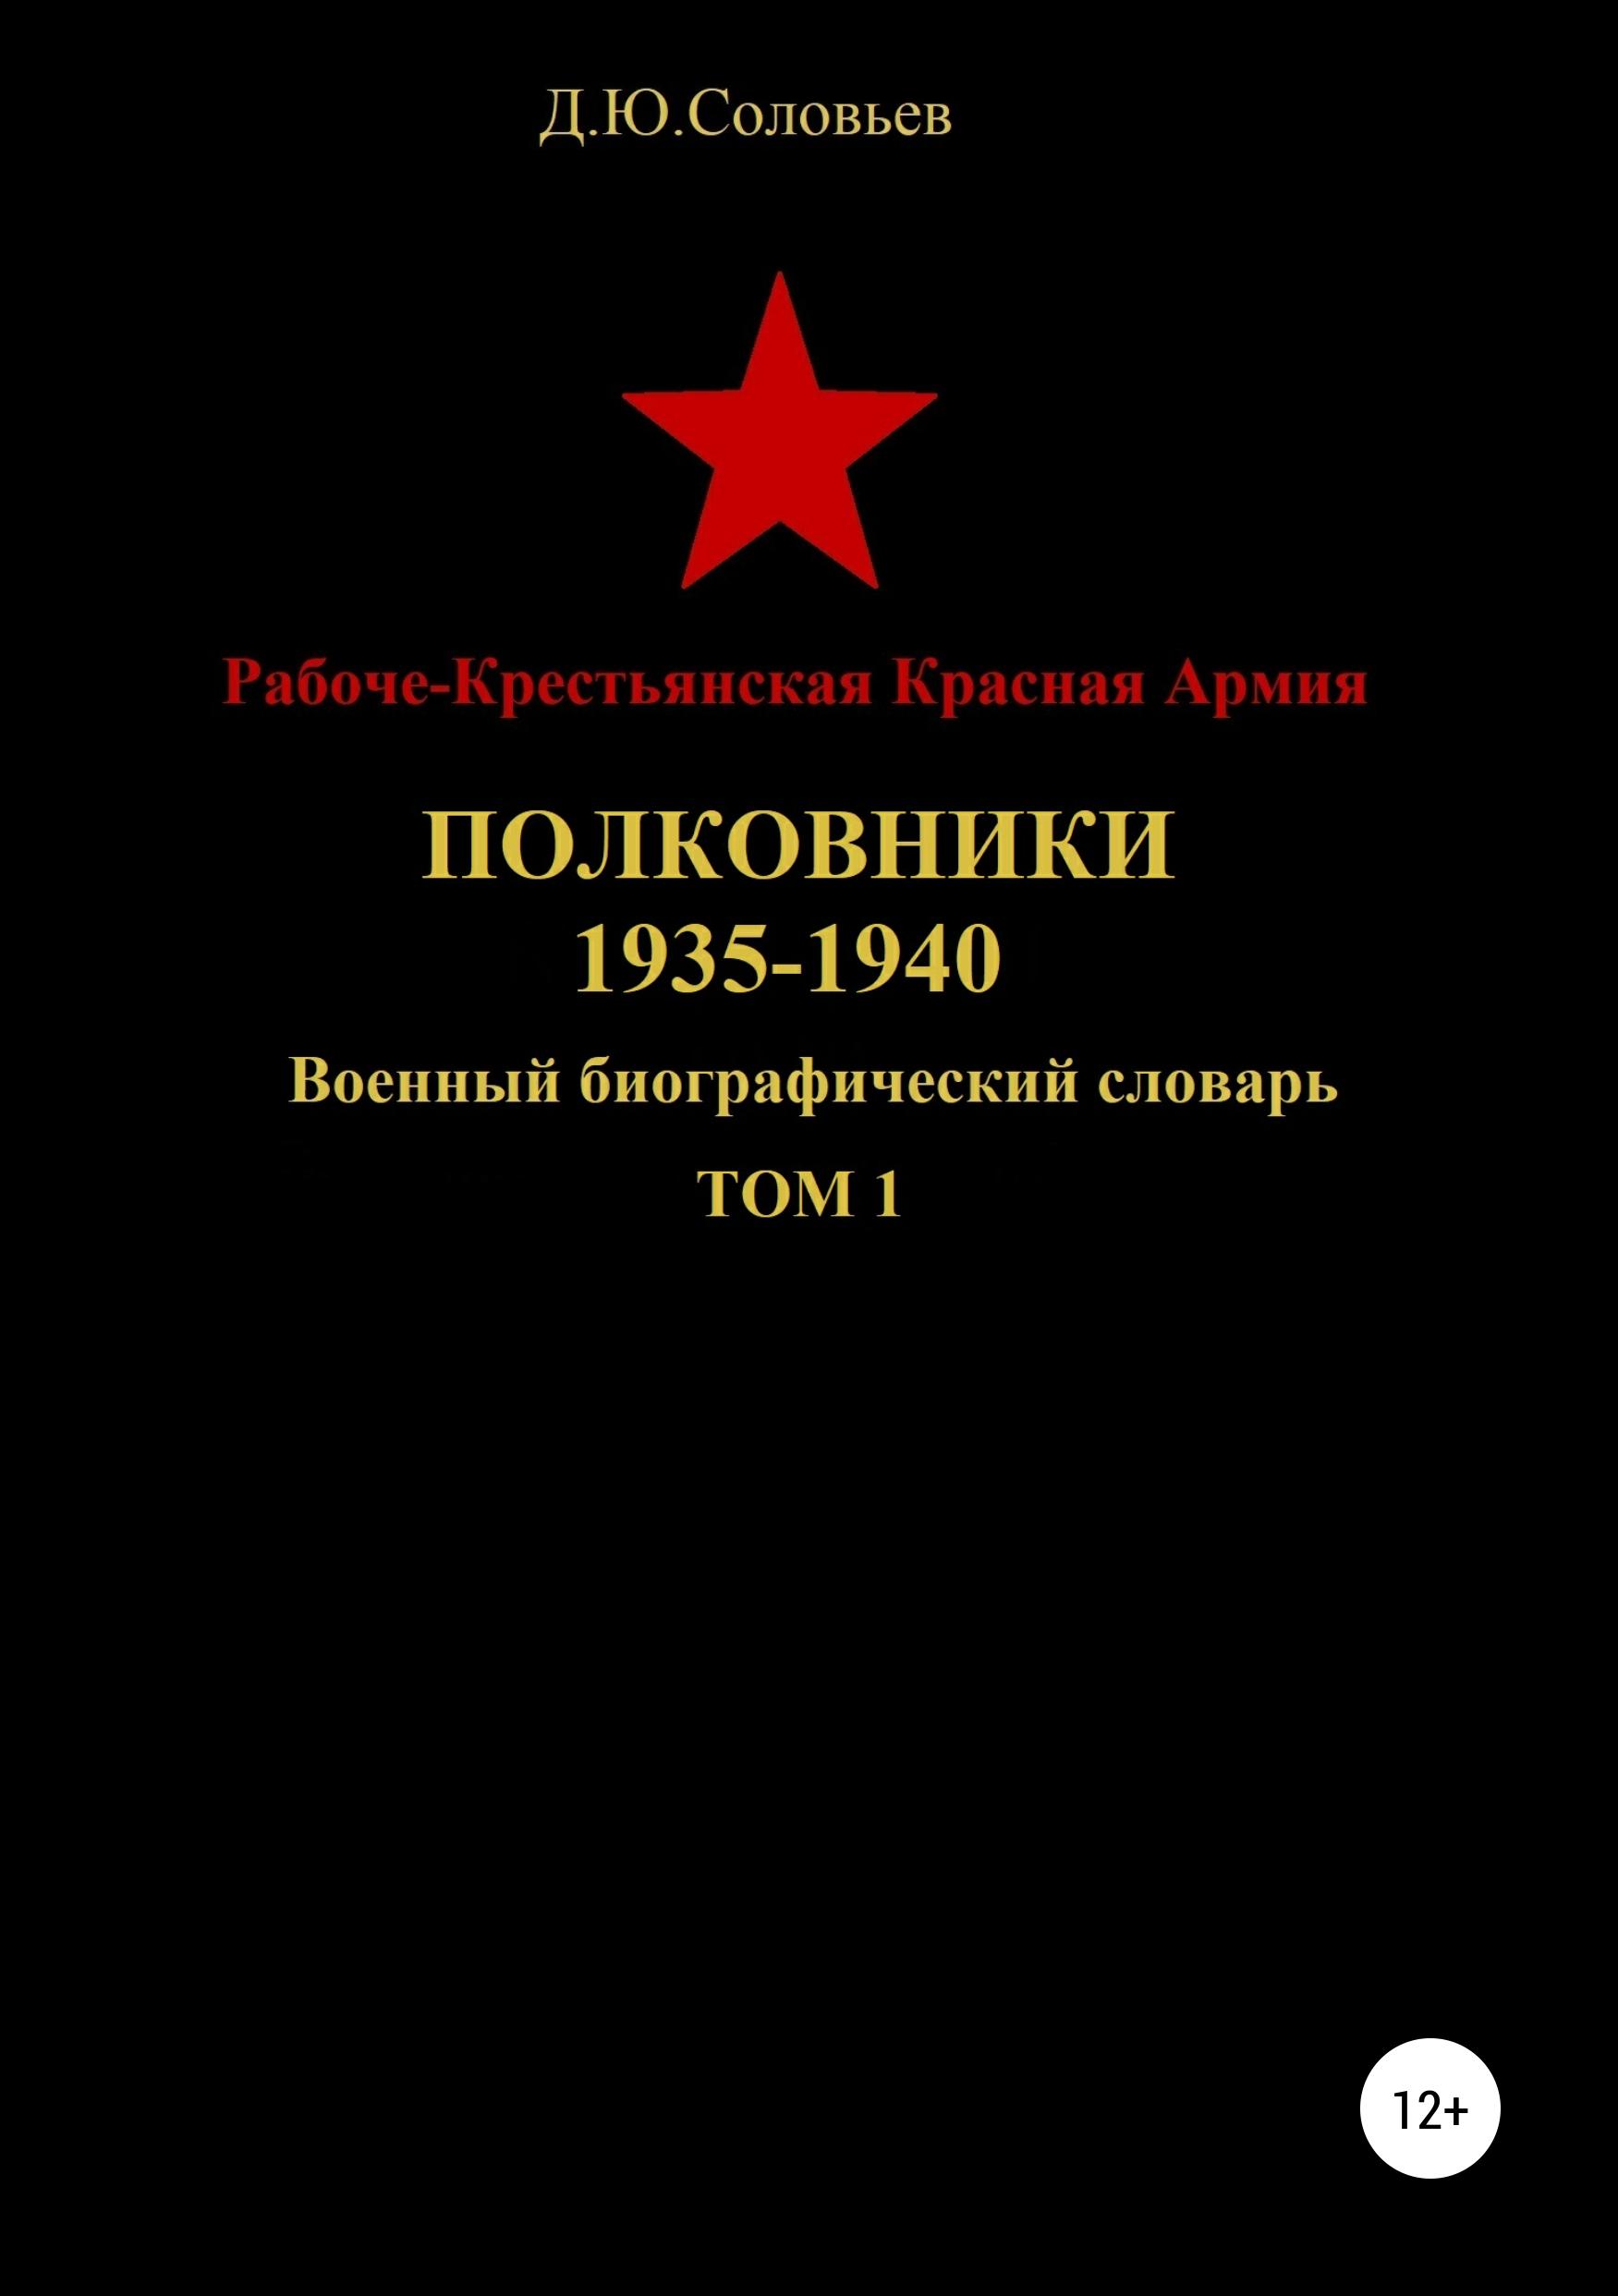 Рабоче-Крестьянская Красная Армия. Полковники. 1935-1940. Том 1